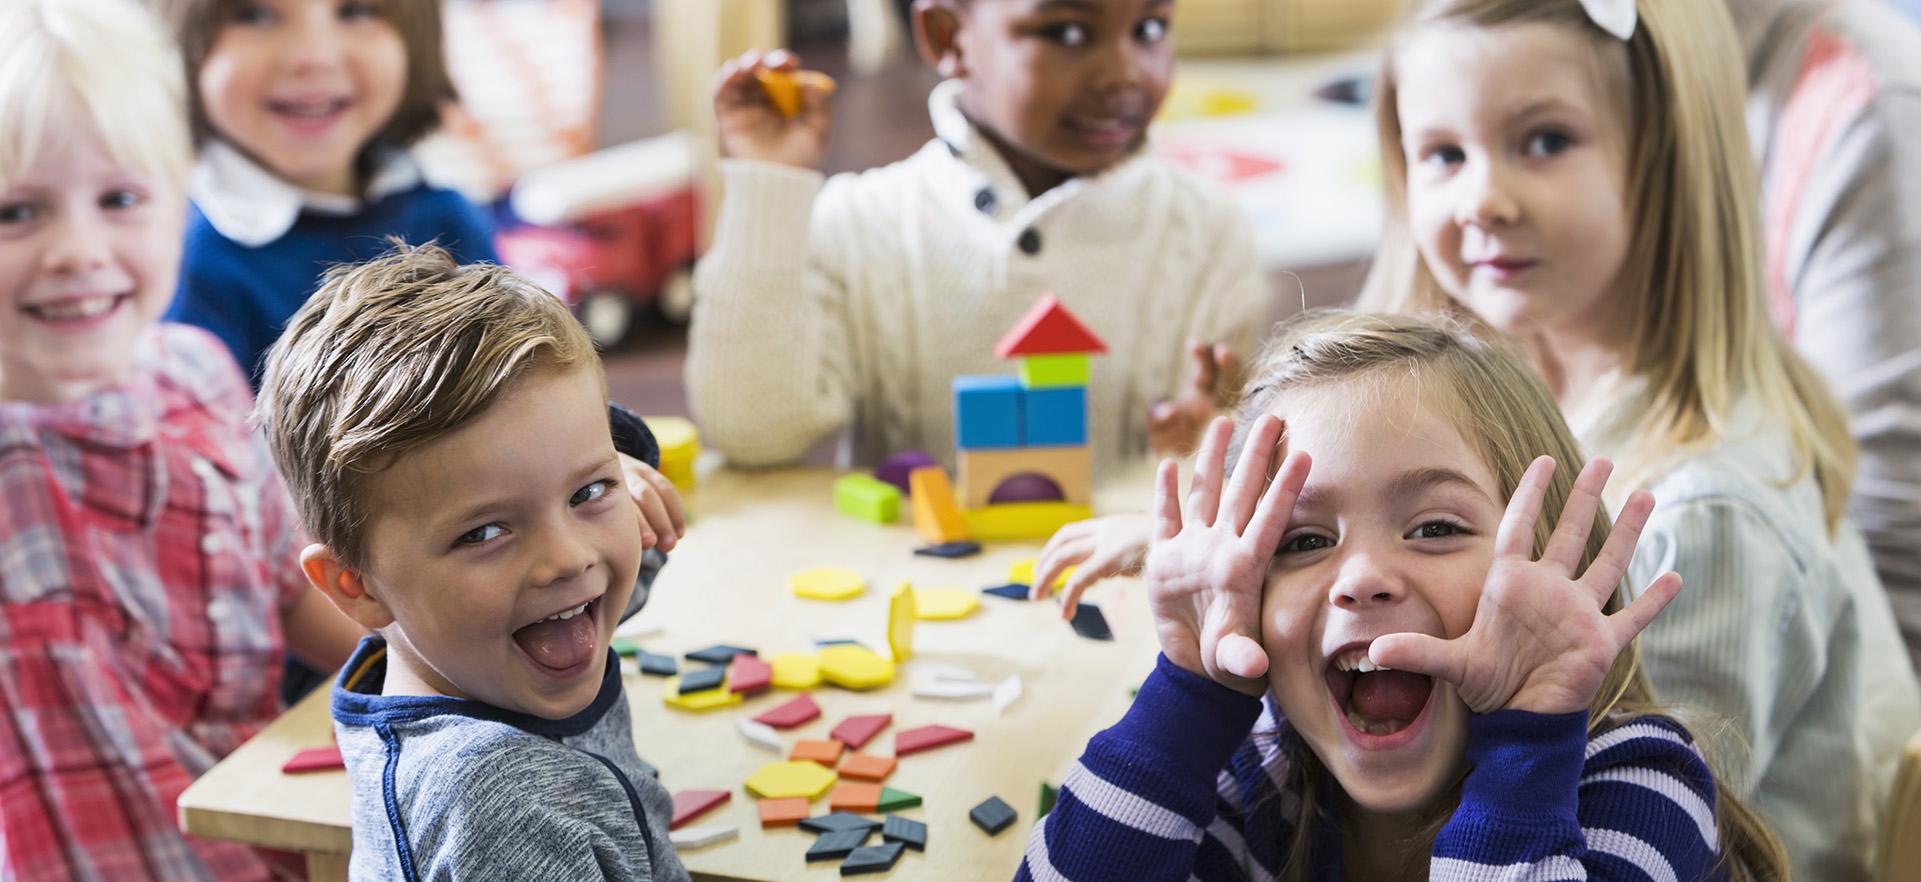 Kids at play in preschool